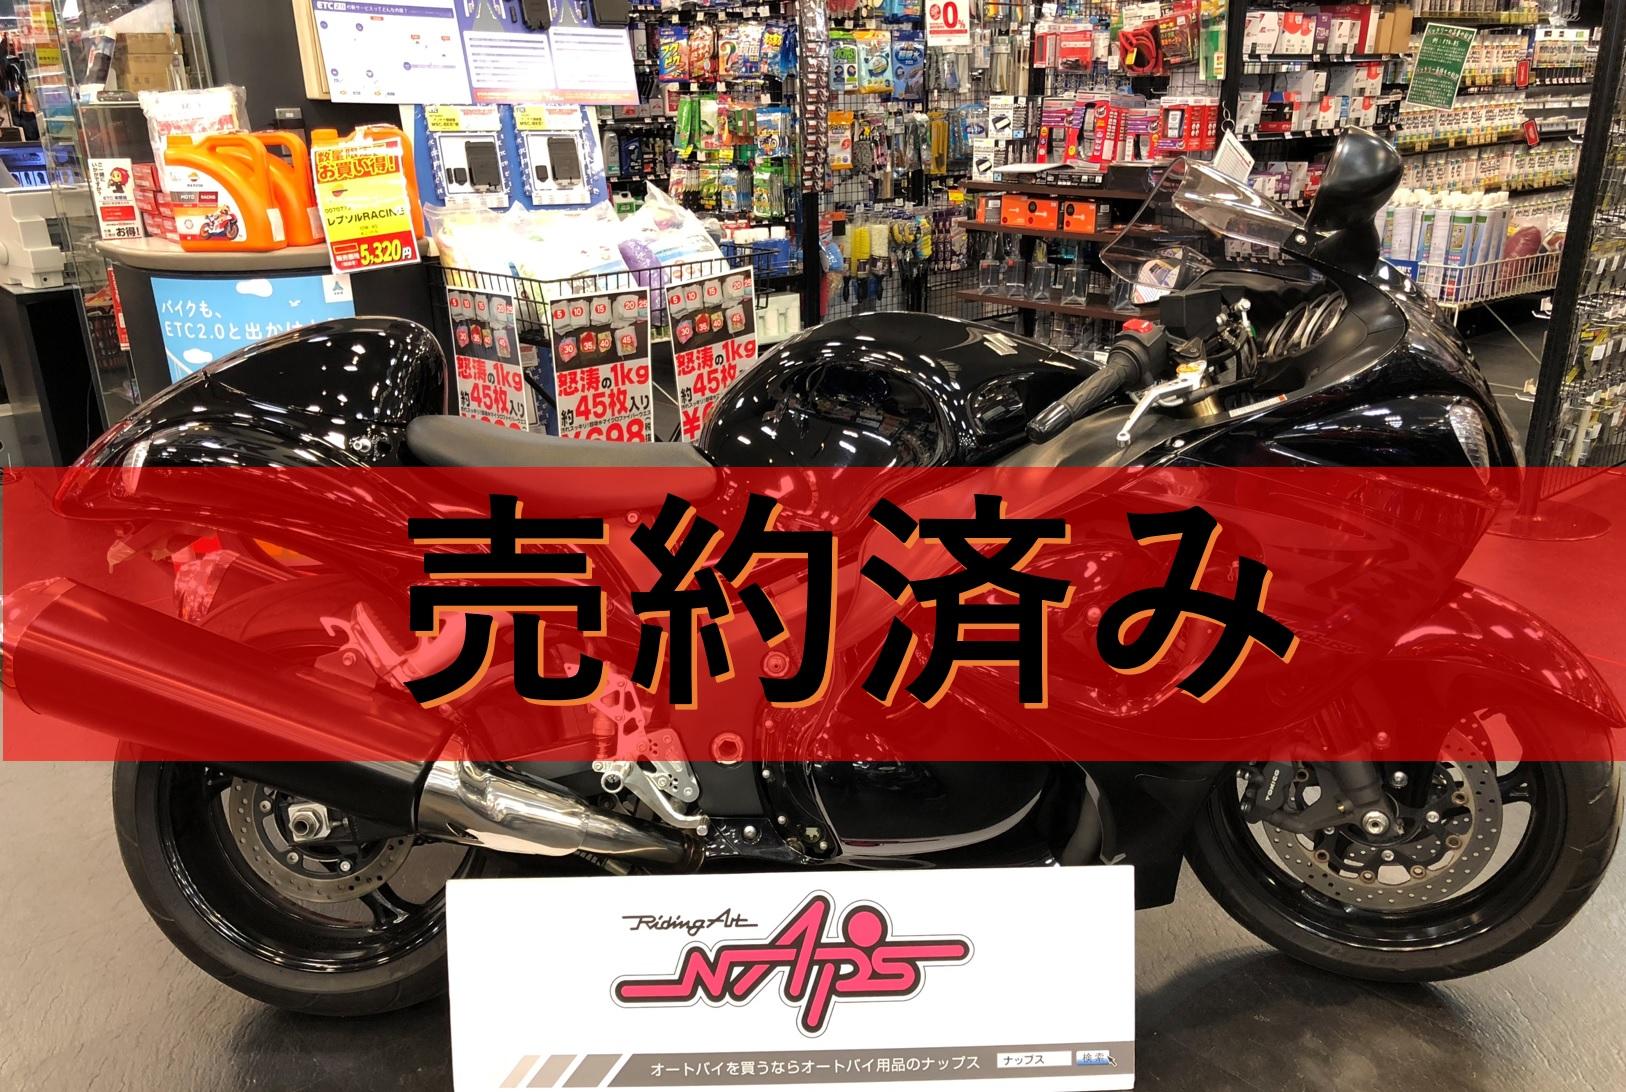 SUZUKI 【販売車両】GSX1300Rハヤブサ モトマップ正規 フェンダーレス LEDヘッドライト